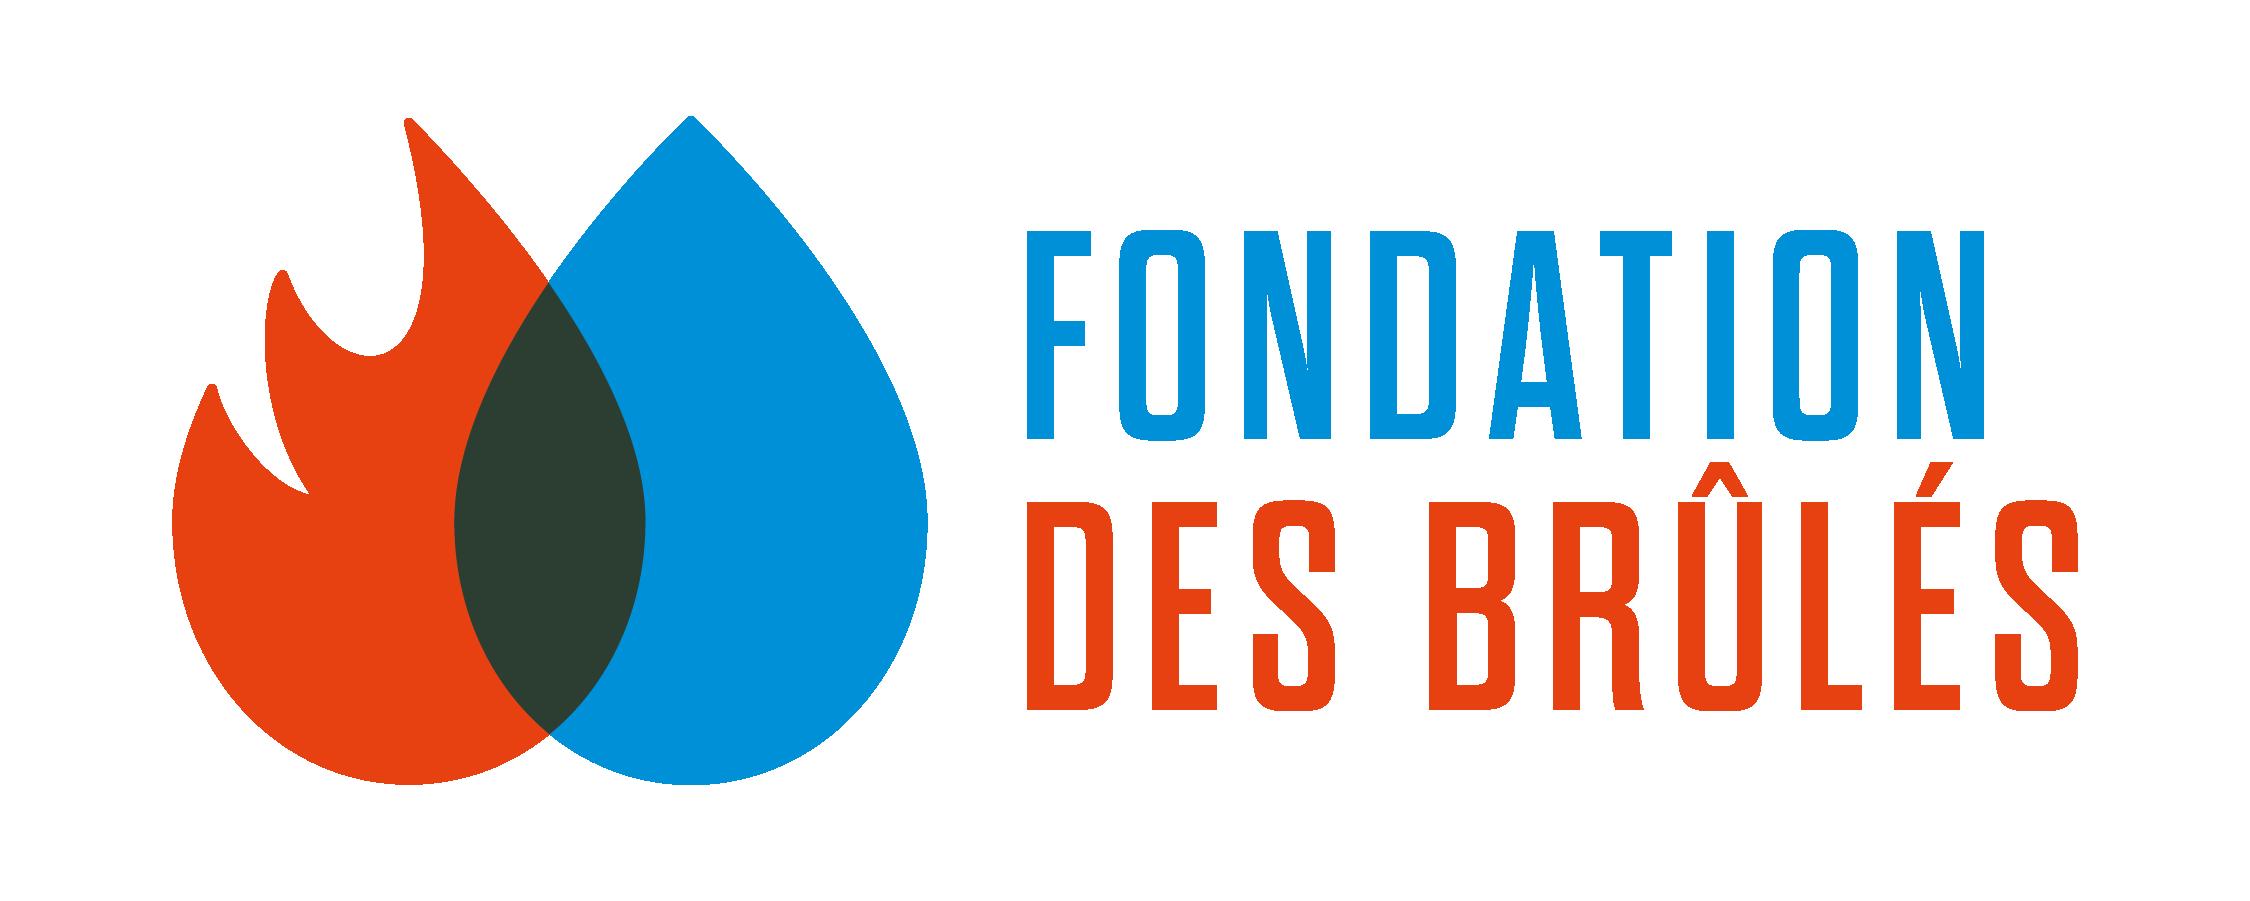 Fondation-des-brules-logo